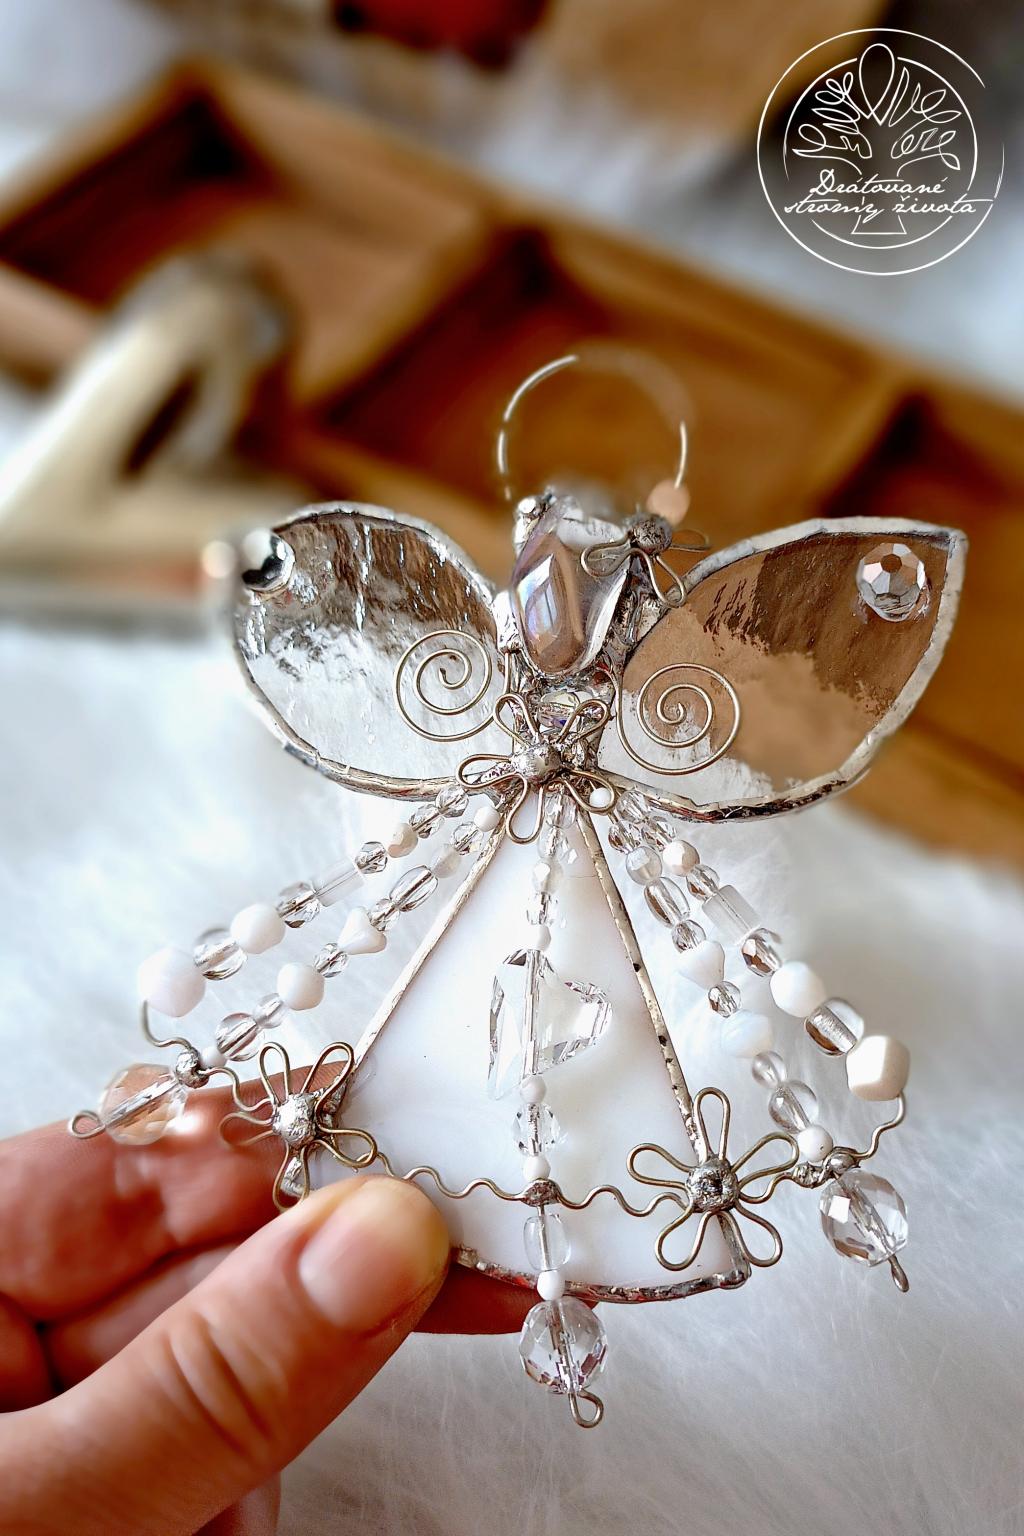 Andělská vitráž - Křišťálový léčitel 14cm